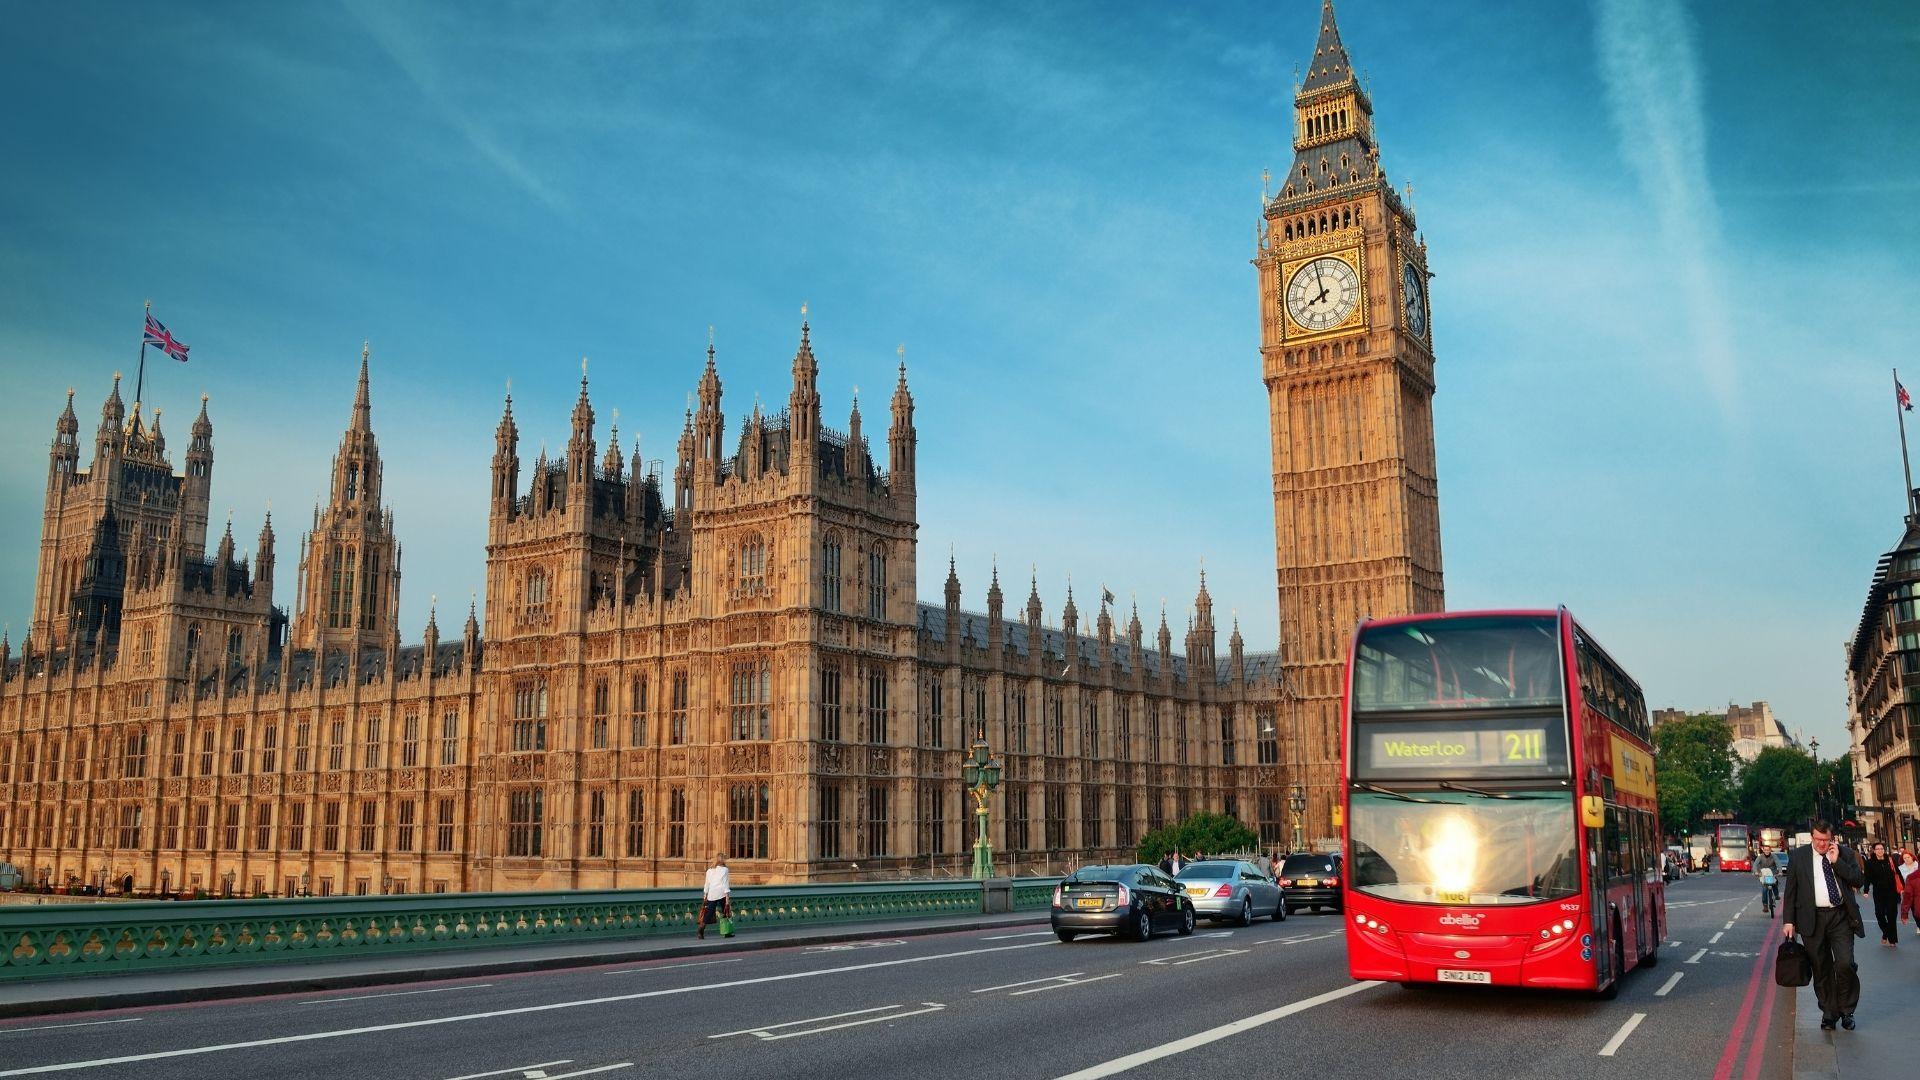 İngiltere Hakkında Bilgi 2 – ngiltere hakkinda bilgi 4